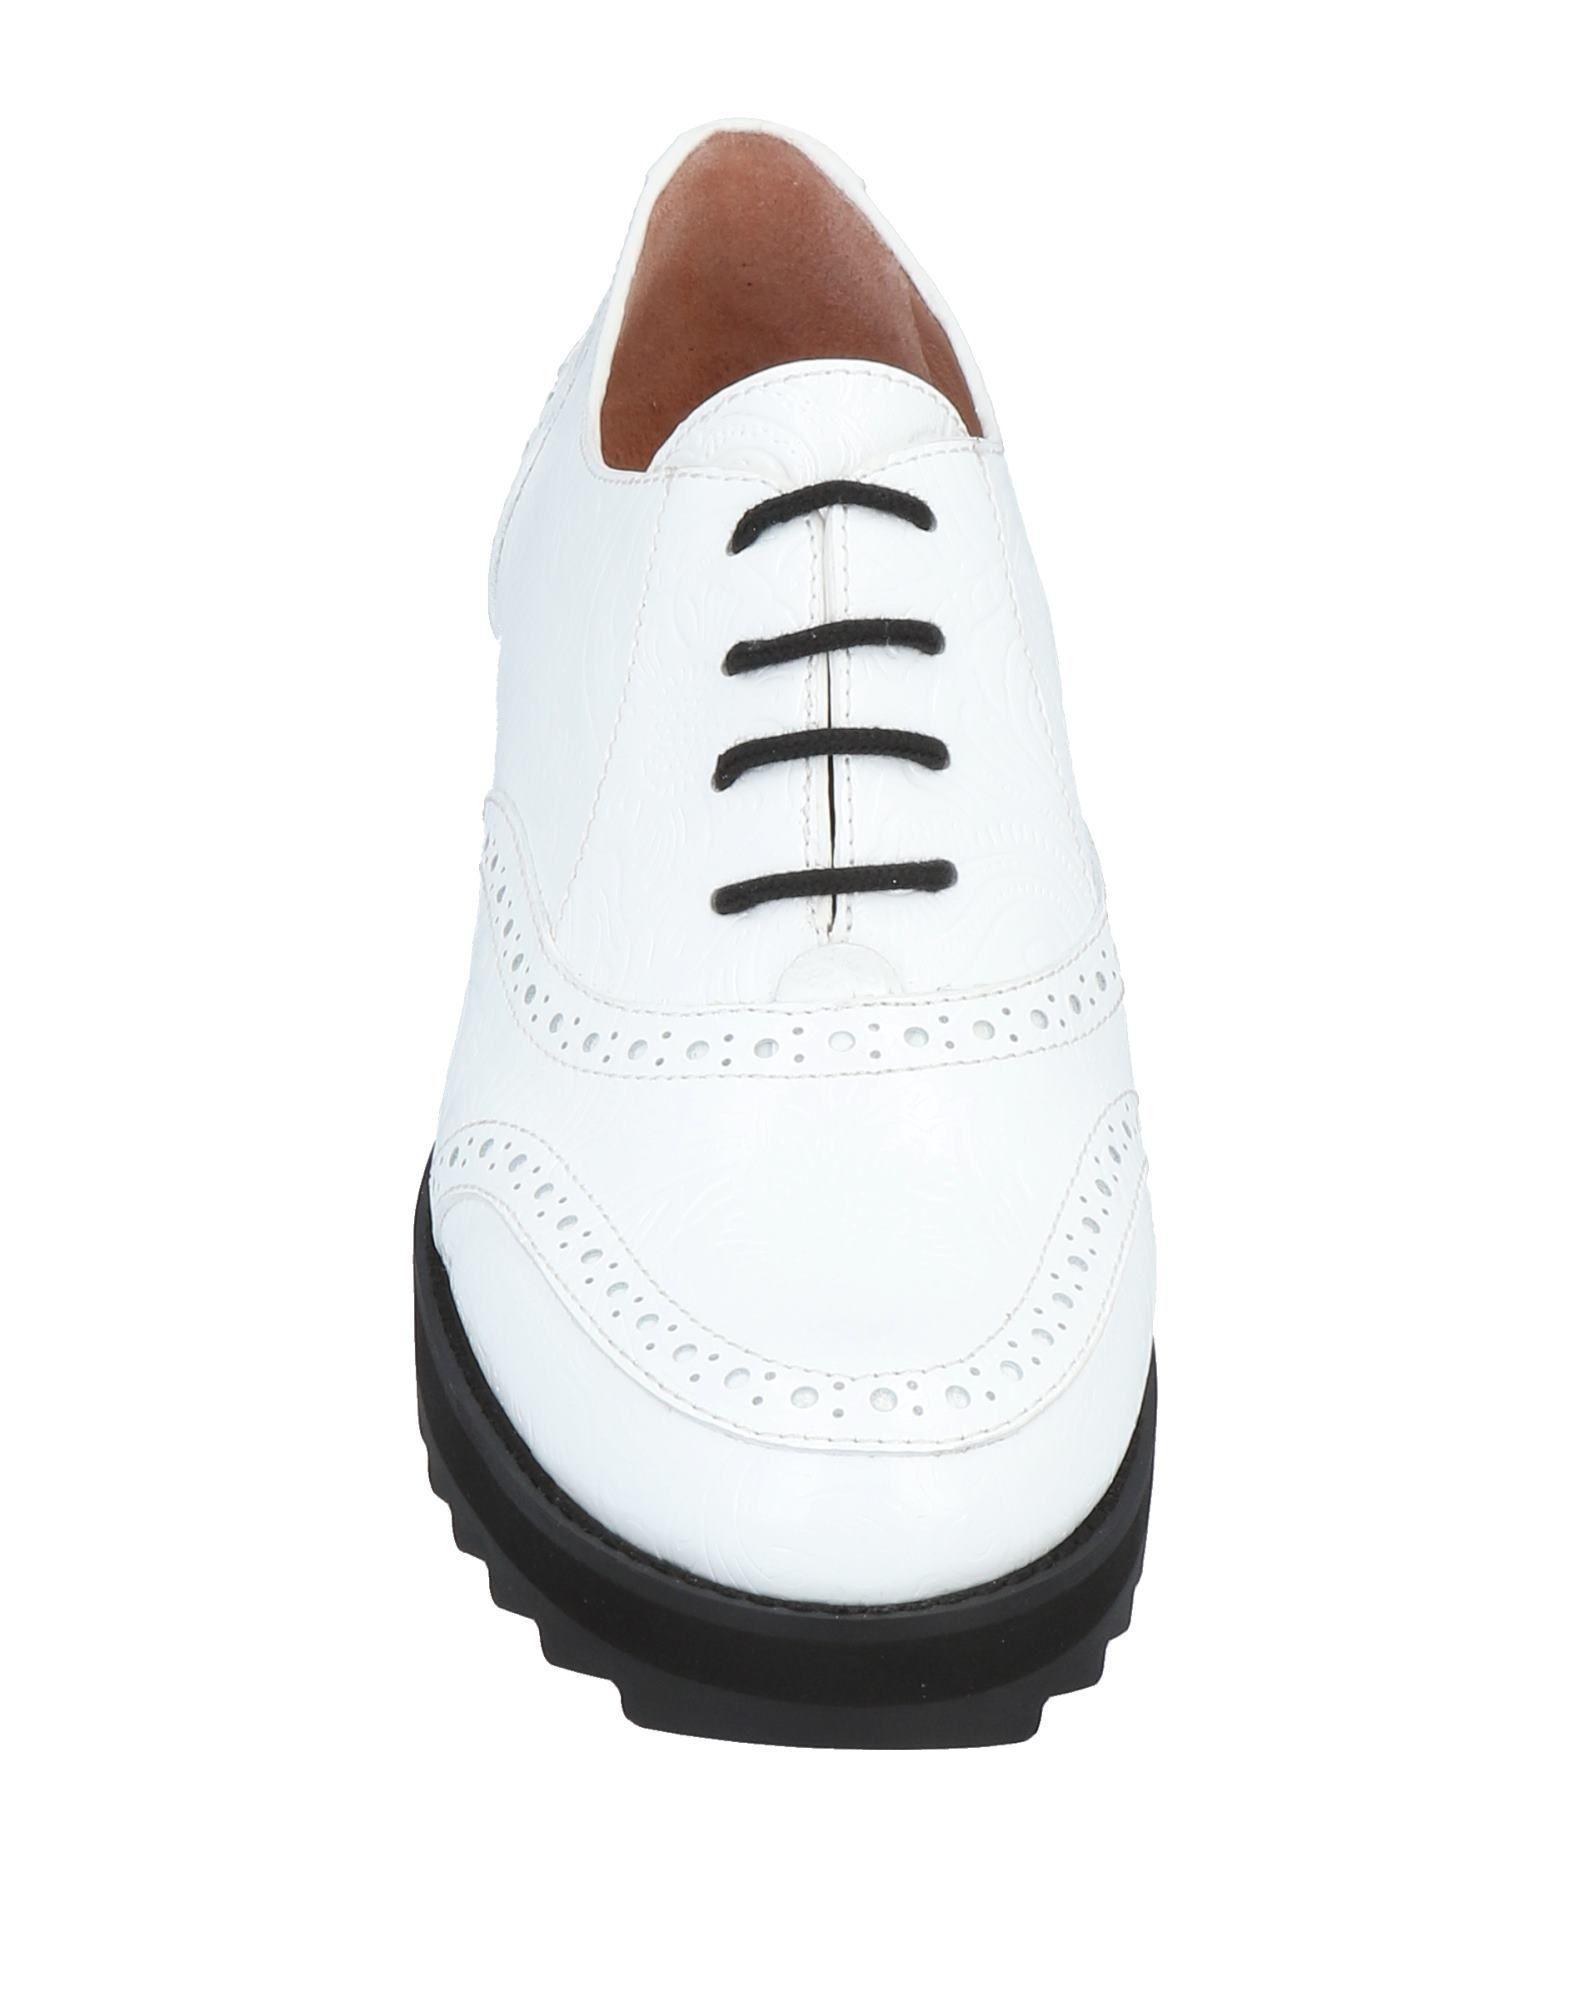 Jil Sander Navy - White Chaussures à lacets - Lyst. Afficher en plein écran 165bd44b7674